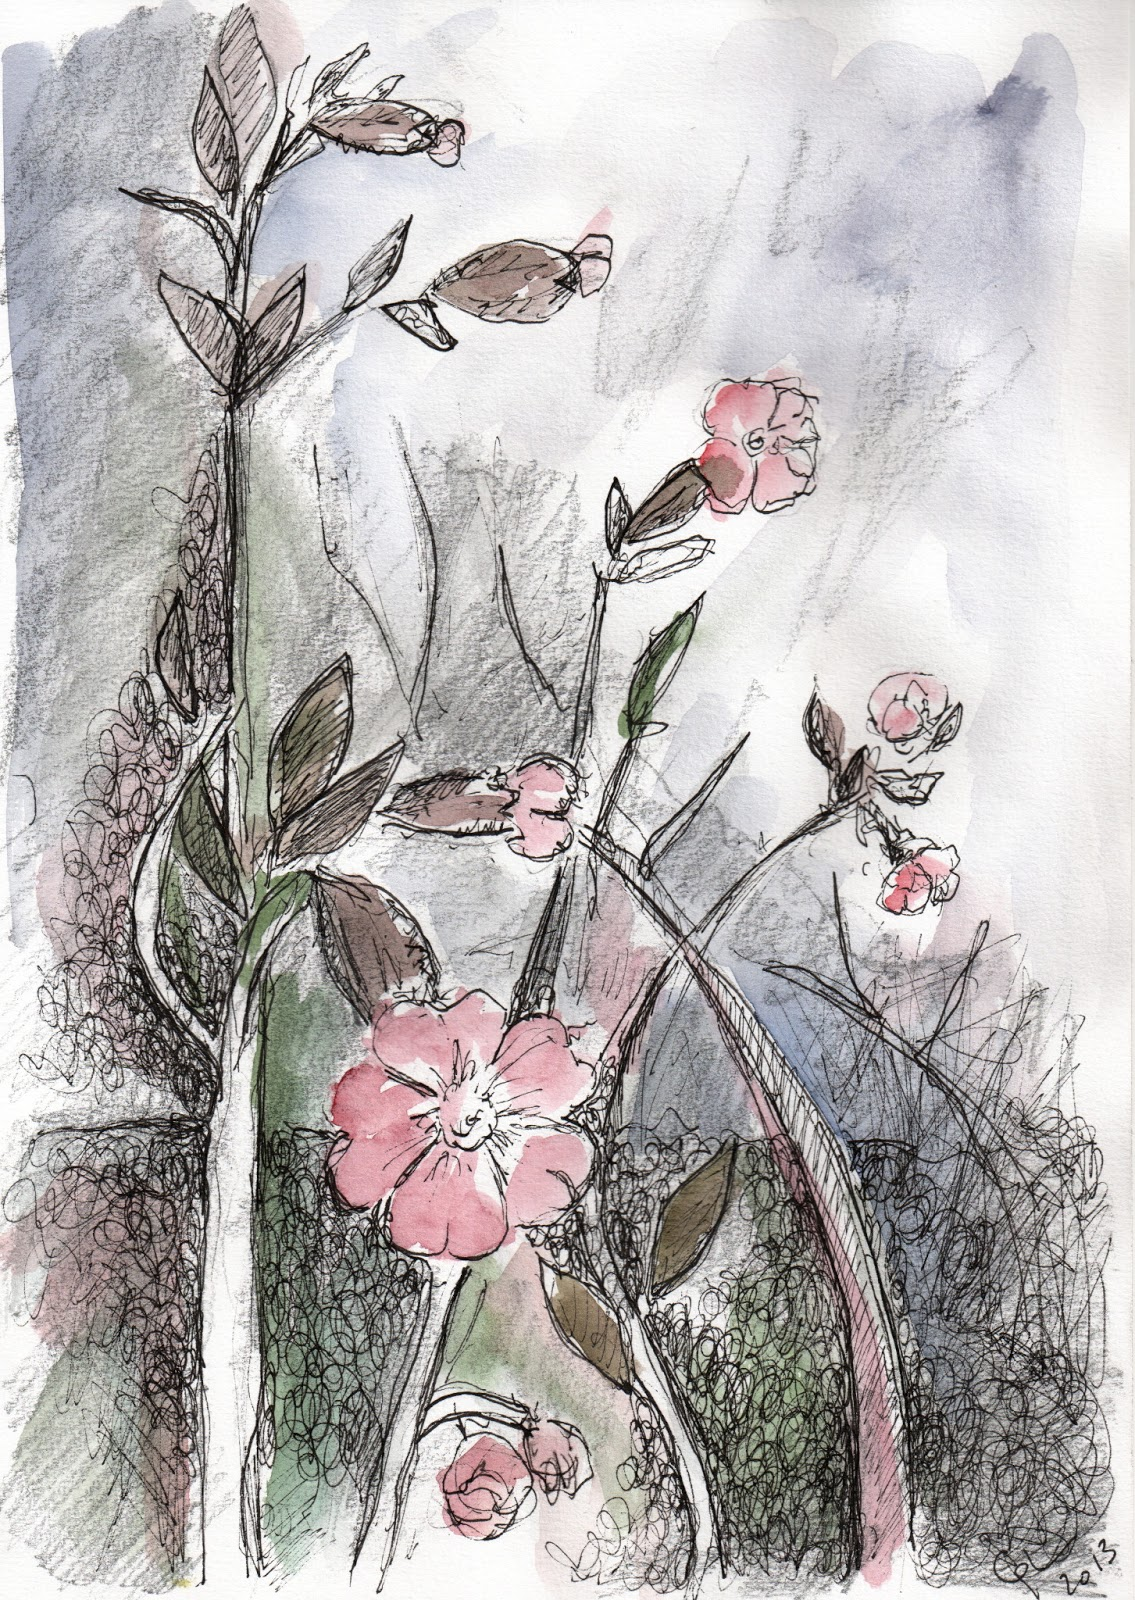 tine botanique 20 dessins de fleurs et plantes. Black Bedroom Furniture Sets. Home Design Ideas